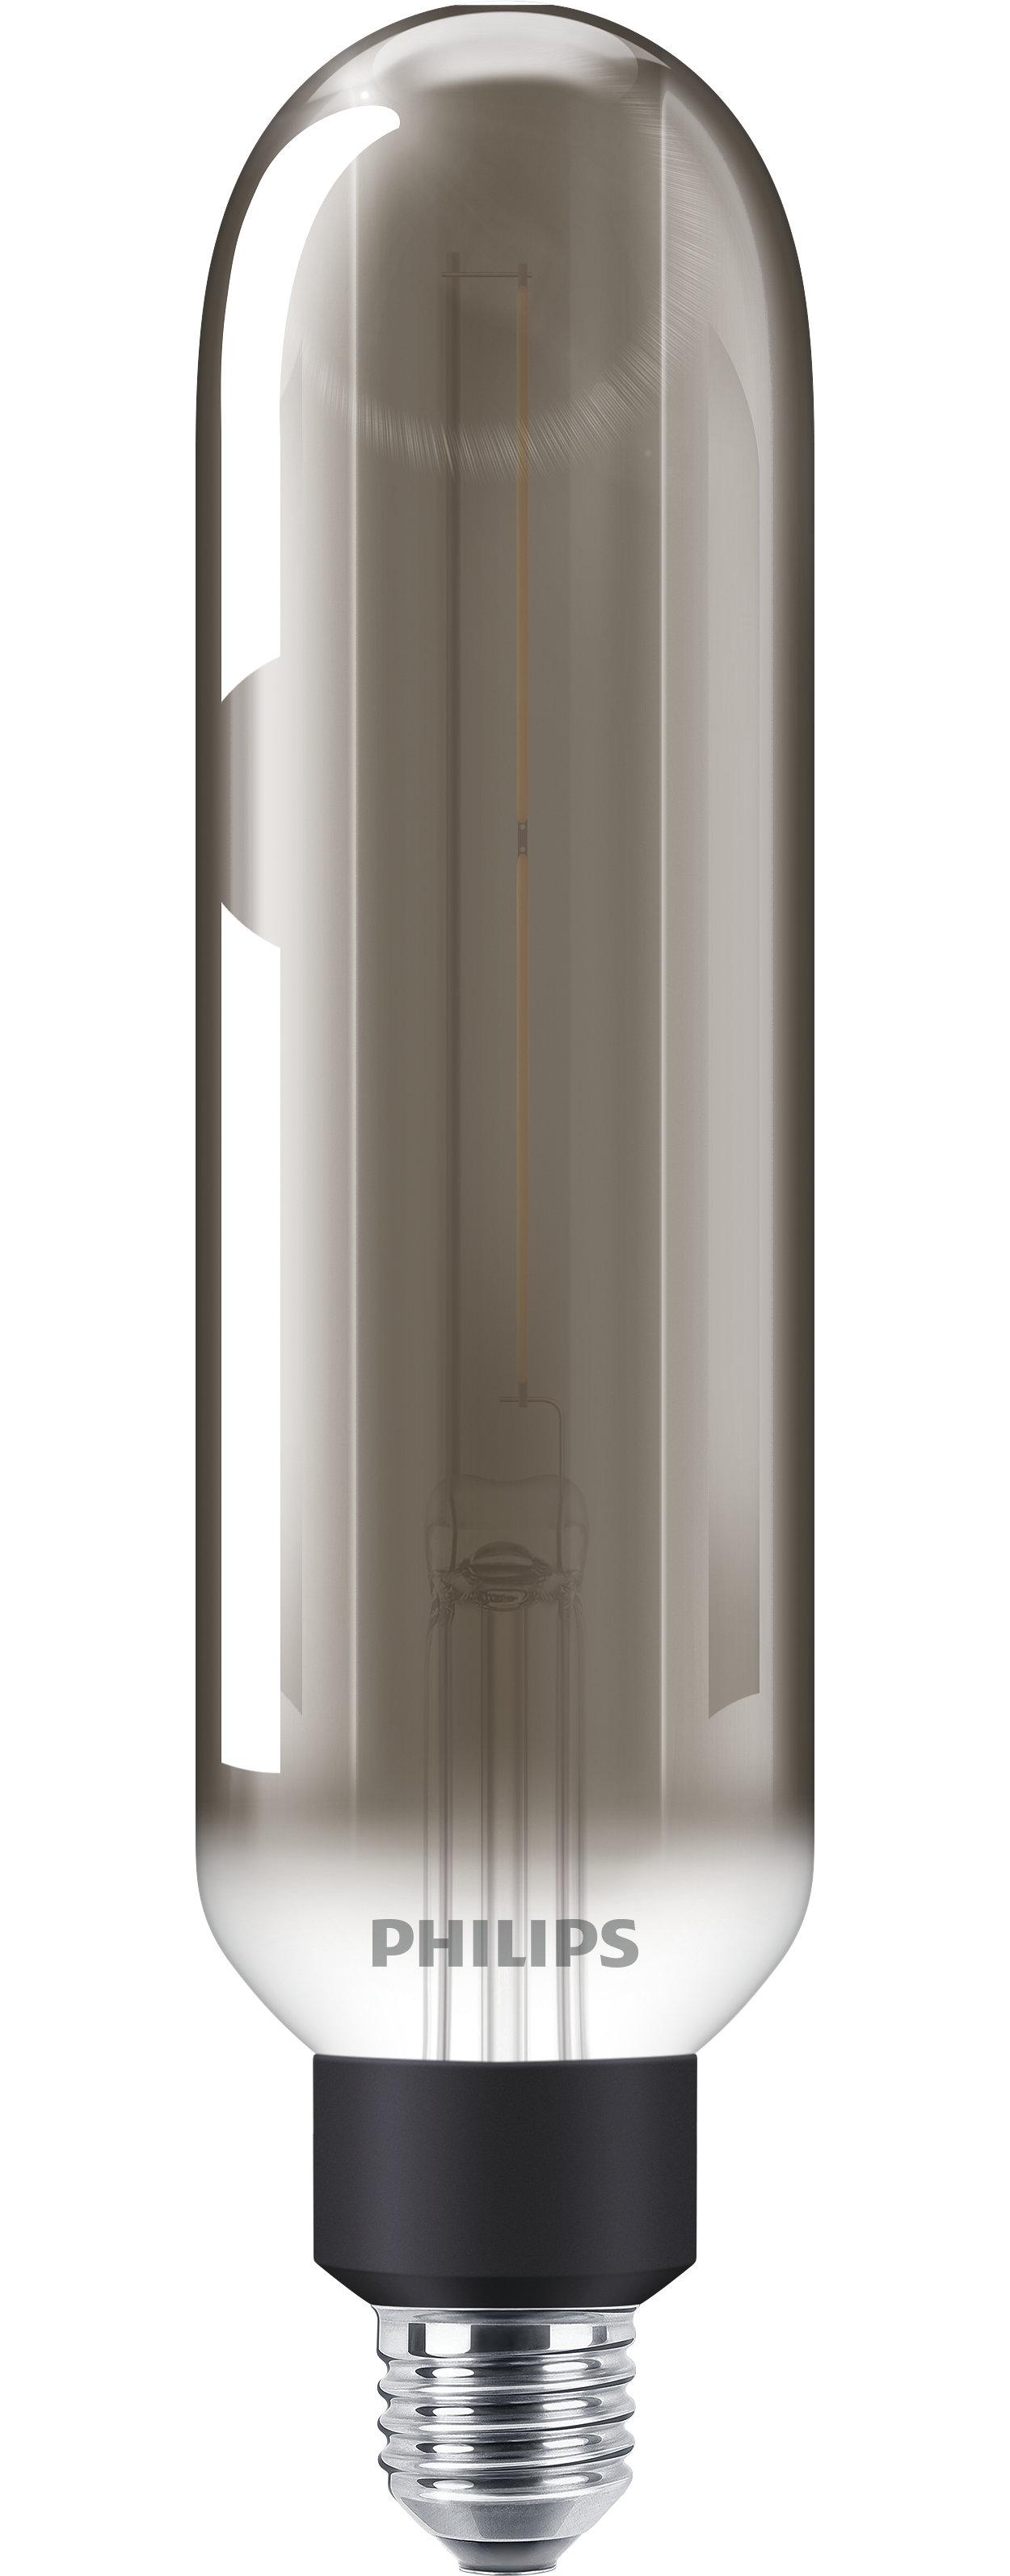 Špičková žárovka LED pro domácnost